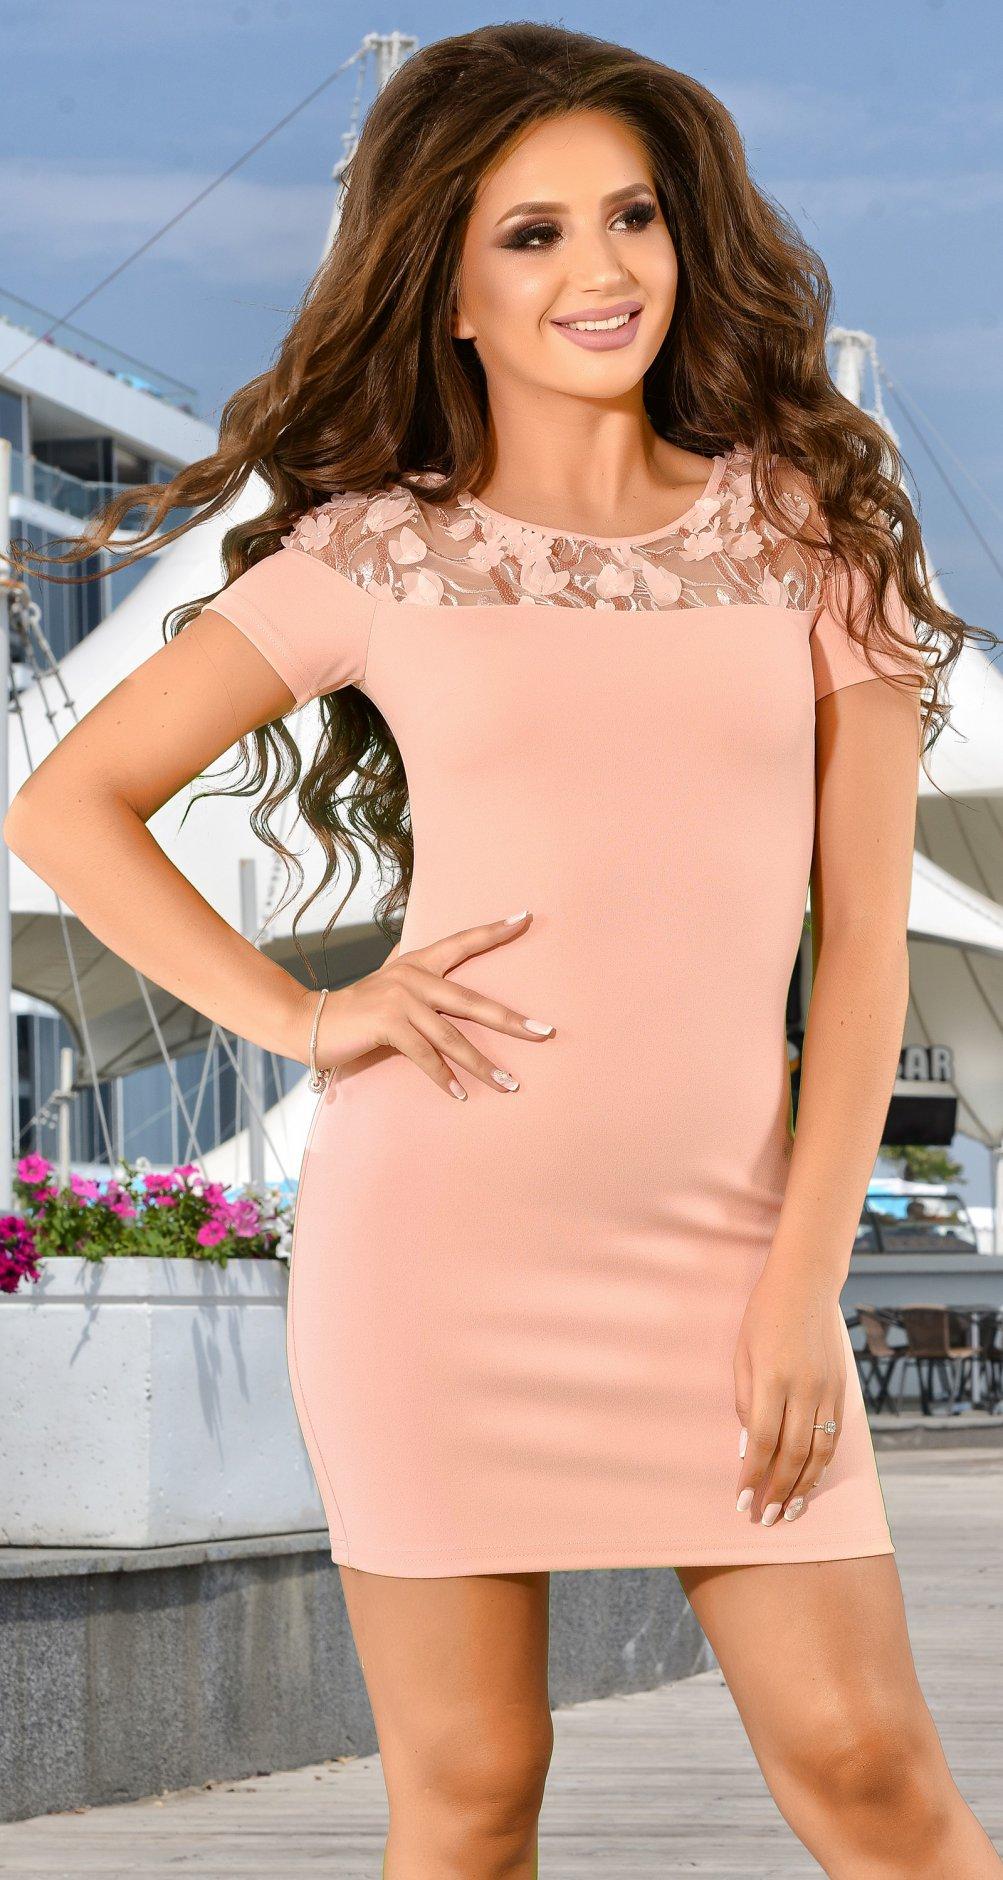 a5a57eb4704 Модное коктейльное платье цвета пудра - Платье норма 42-48 - Модные  вечерние платья  купить недорого у производителя в розницу